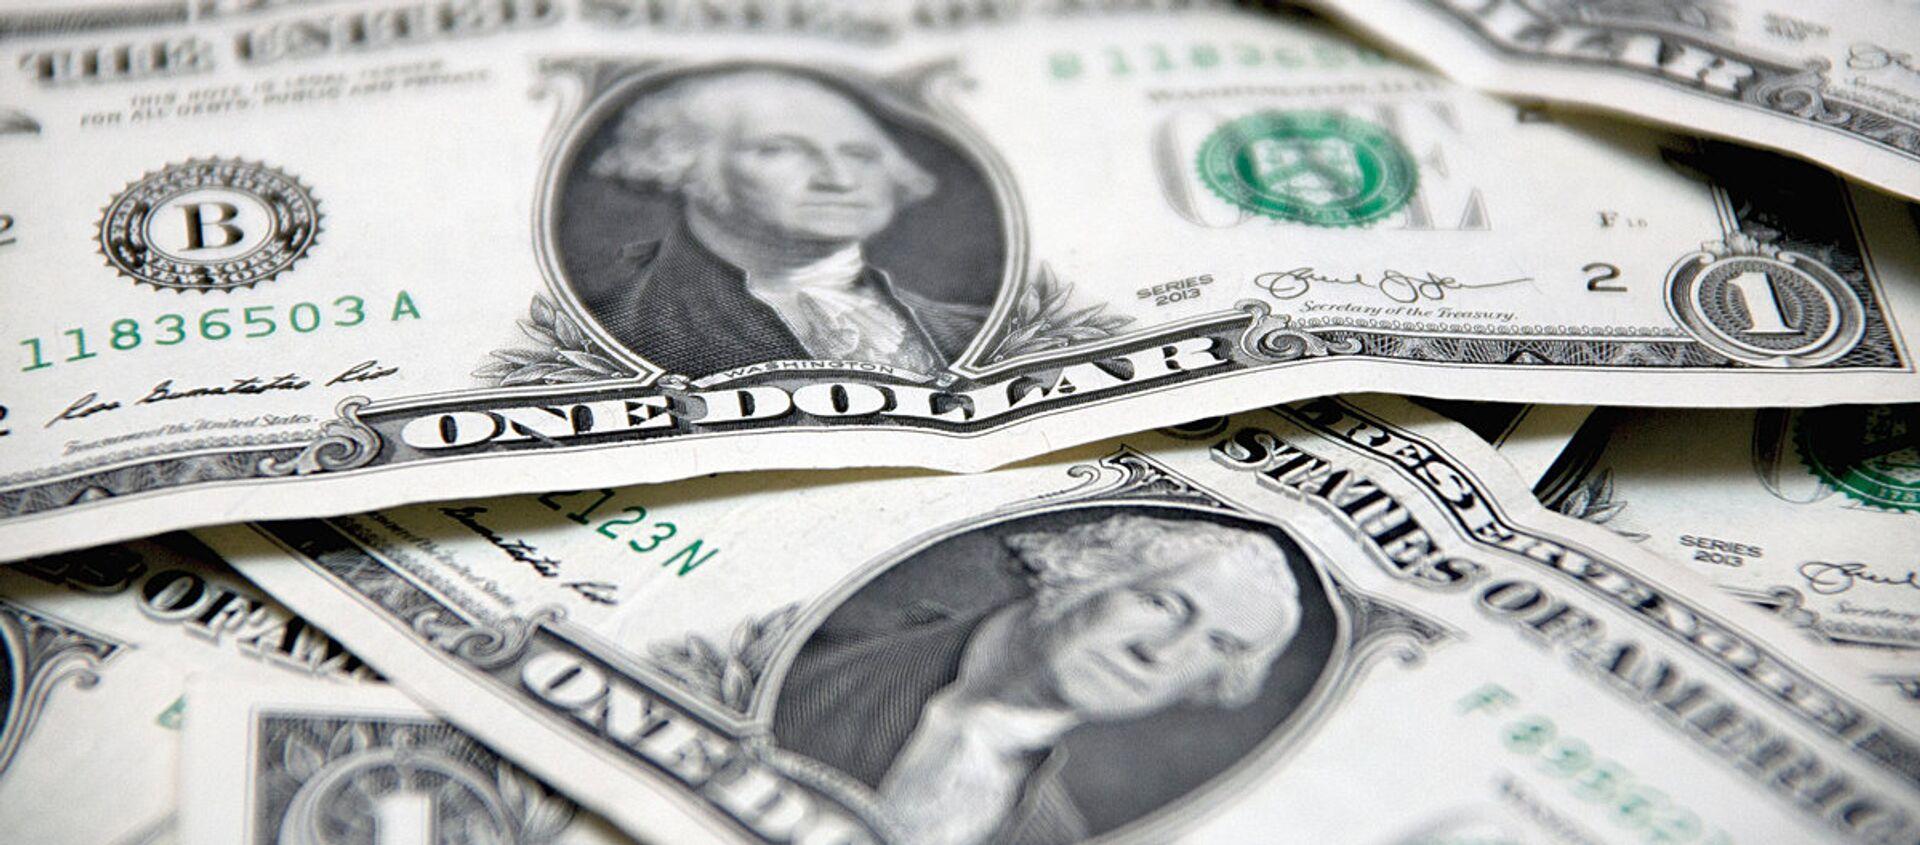 Доллары США - Sputnik Узбекистан, 1920, 19.12.2020